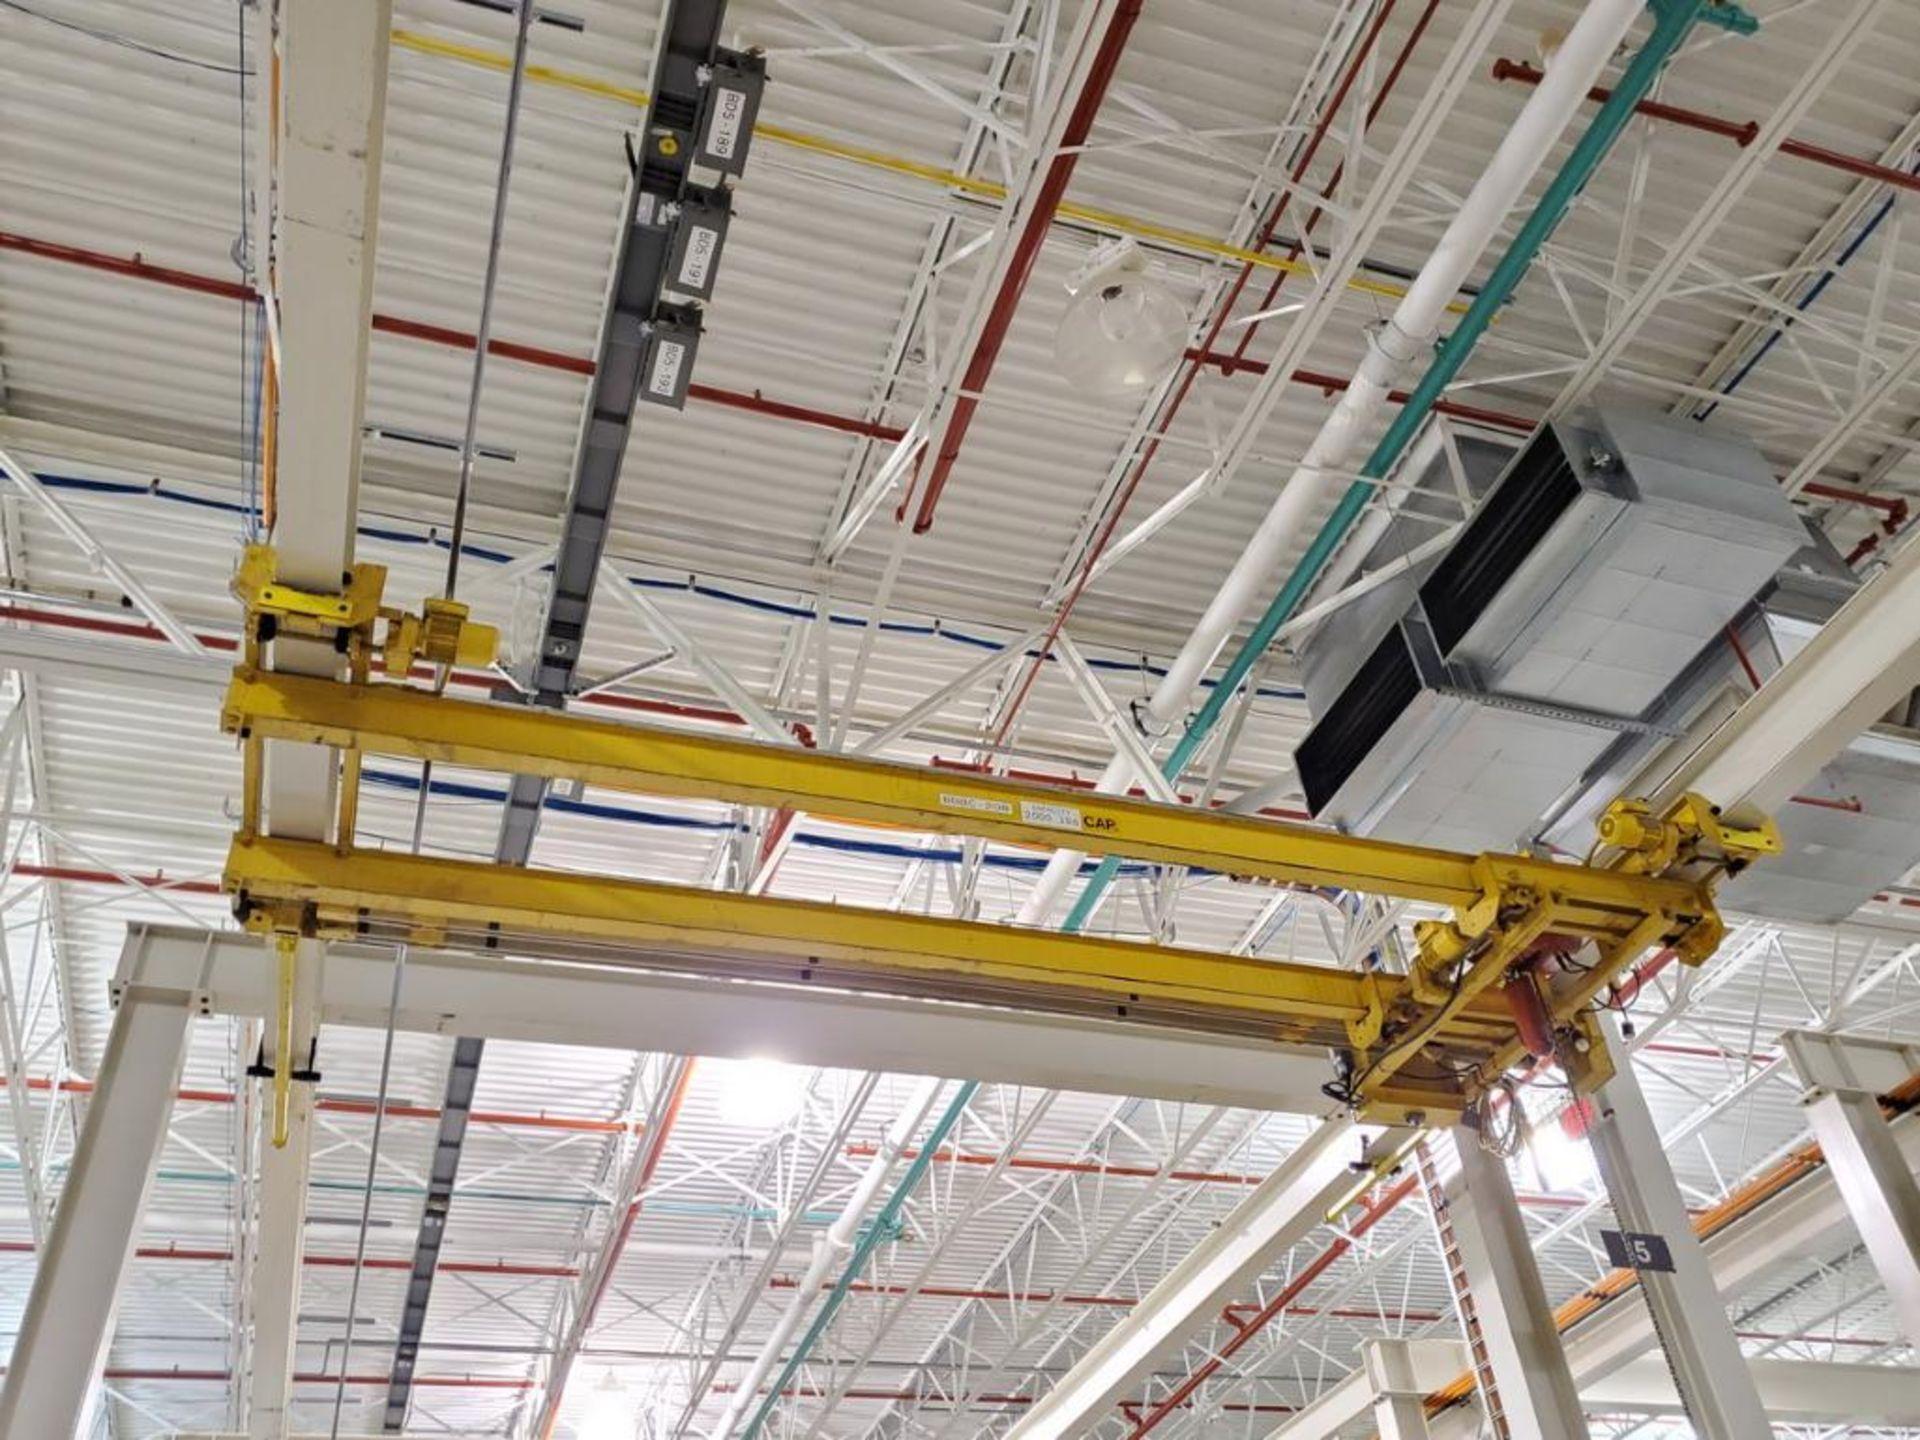 Lot 37 - T&M Equipment Co. Crane